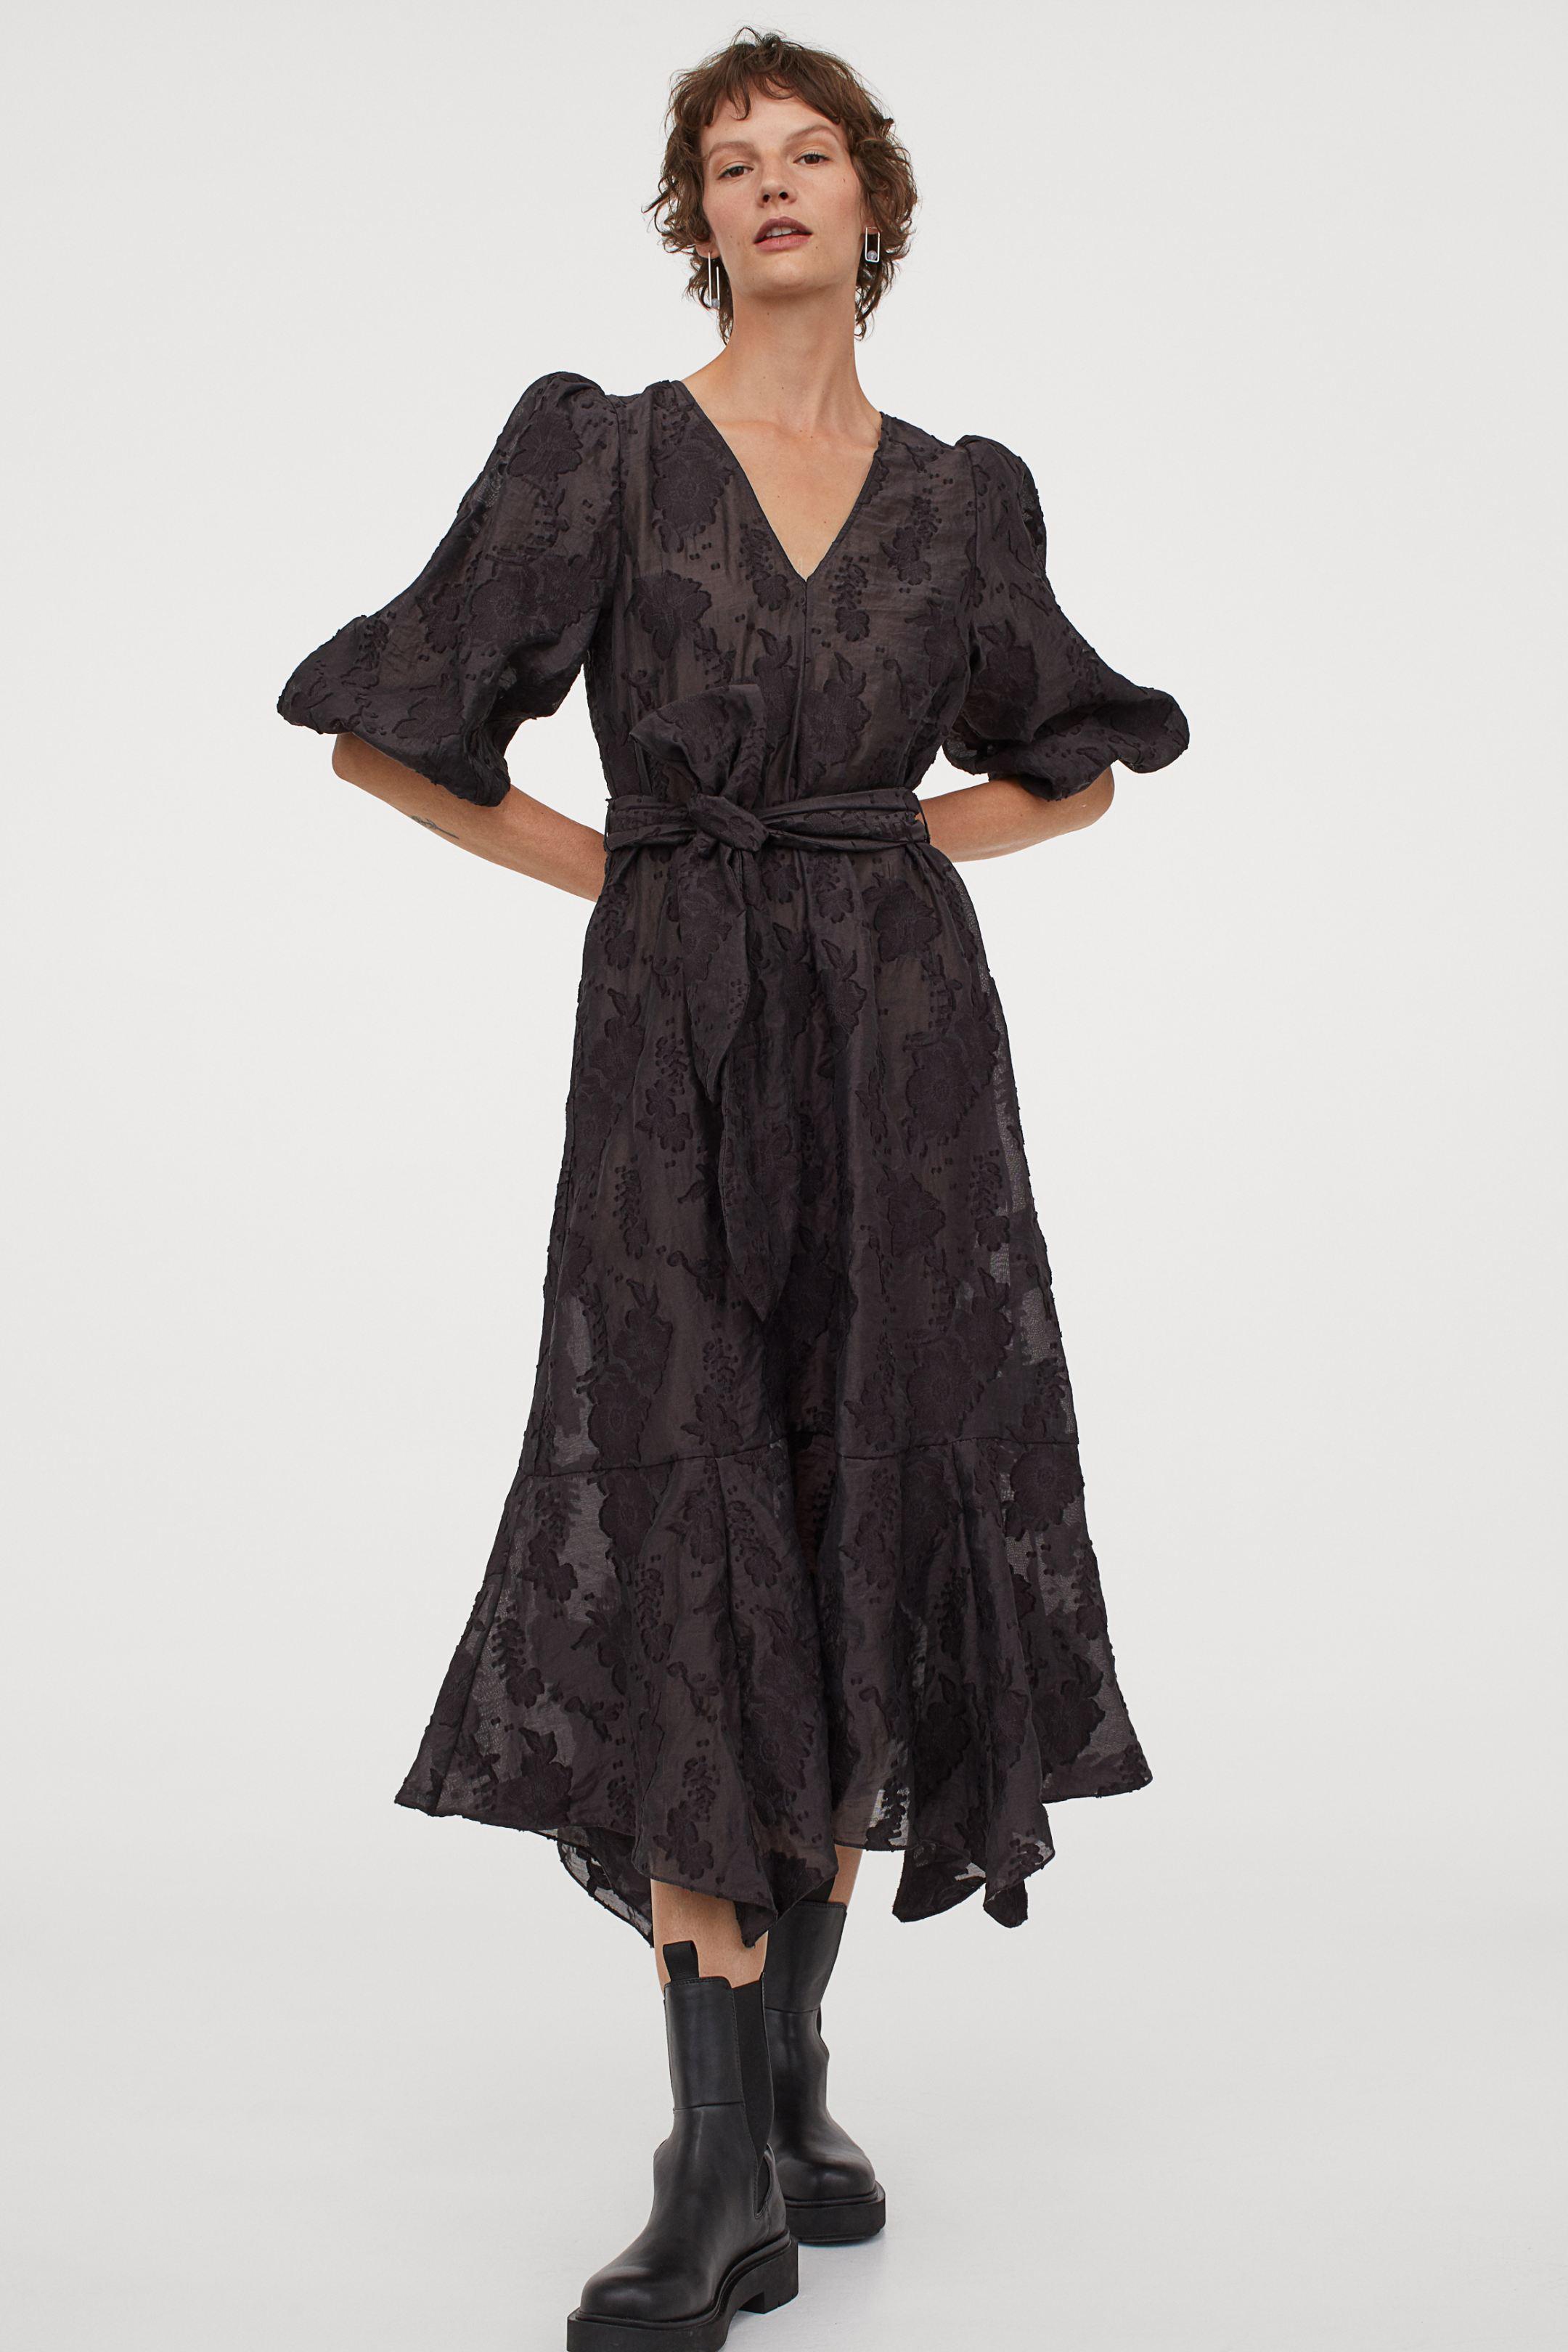 Sofisticado vestido negro con estampado de flores en un tono más claro